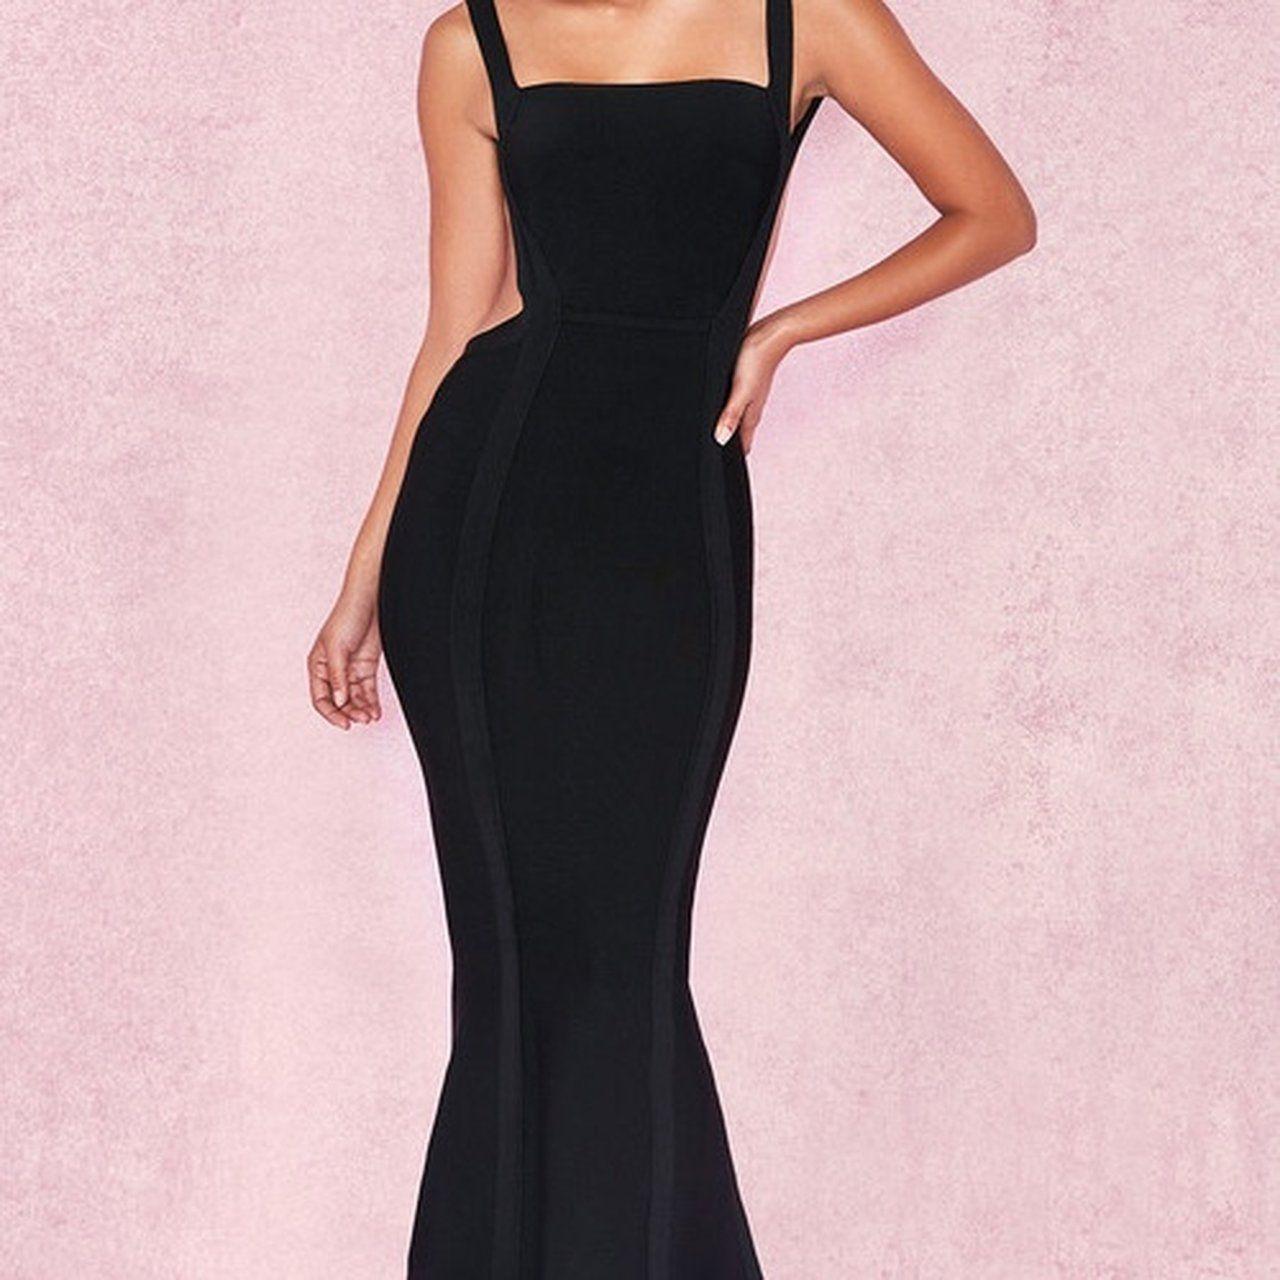 OPHELIA'Black Backless Maxi Bandage DressRRP £149.00House of